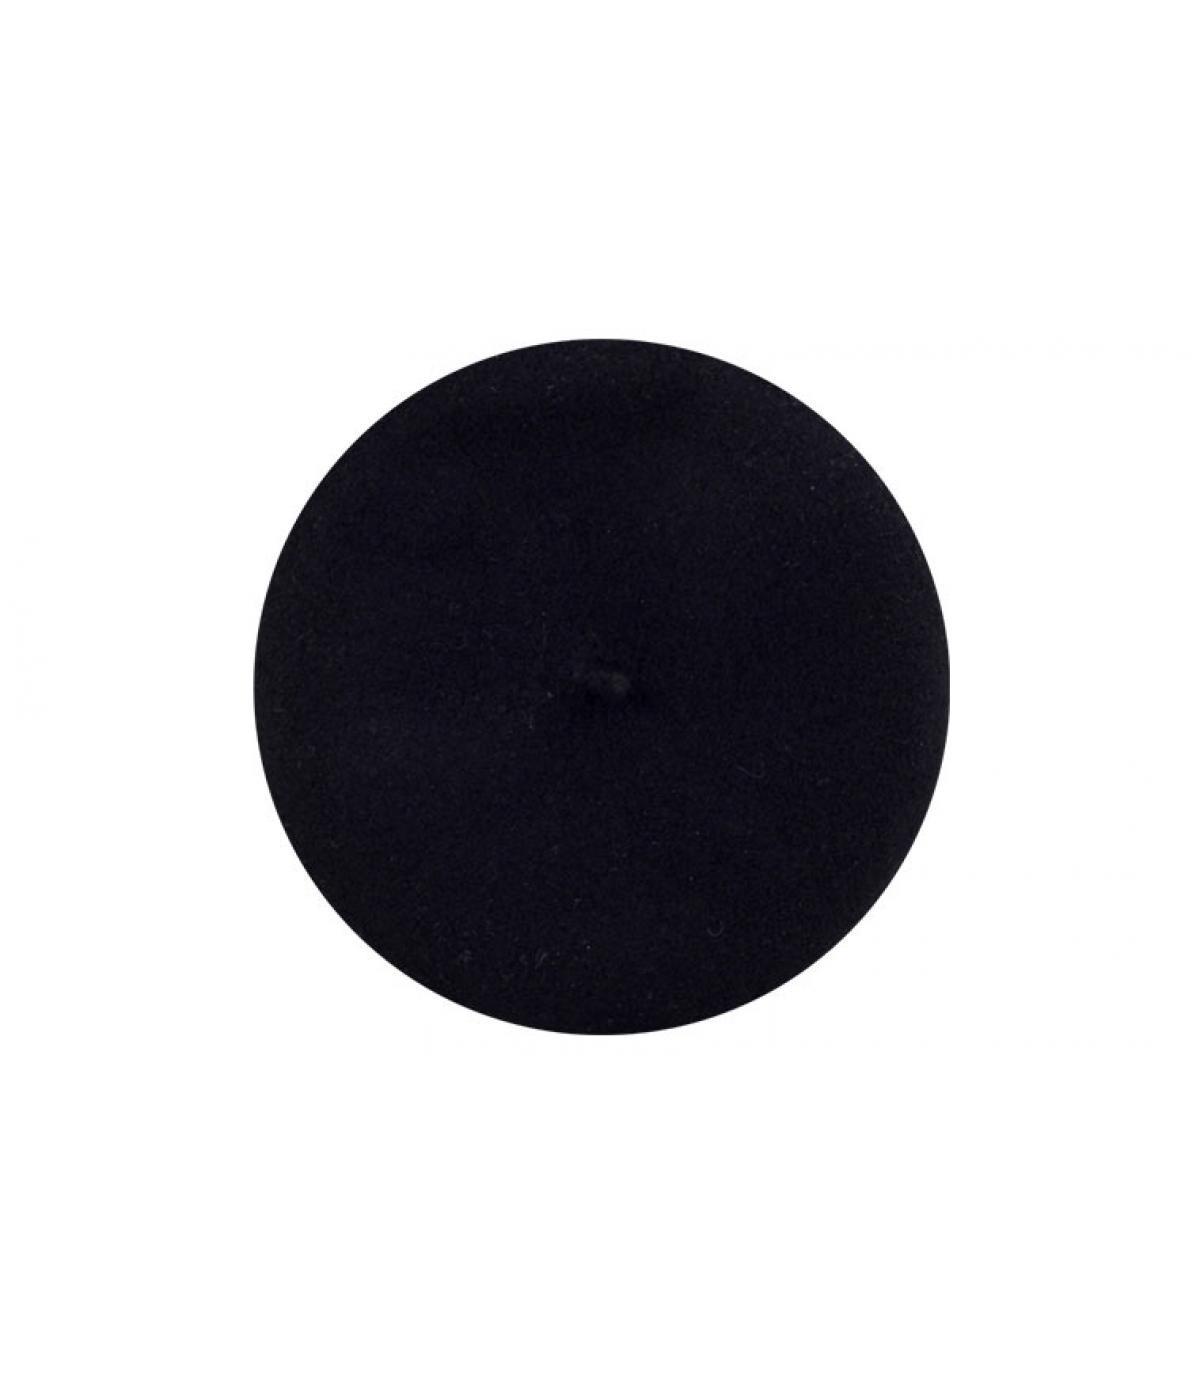 Detalles Parisienne black imagen 2